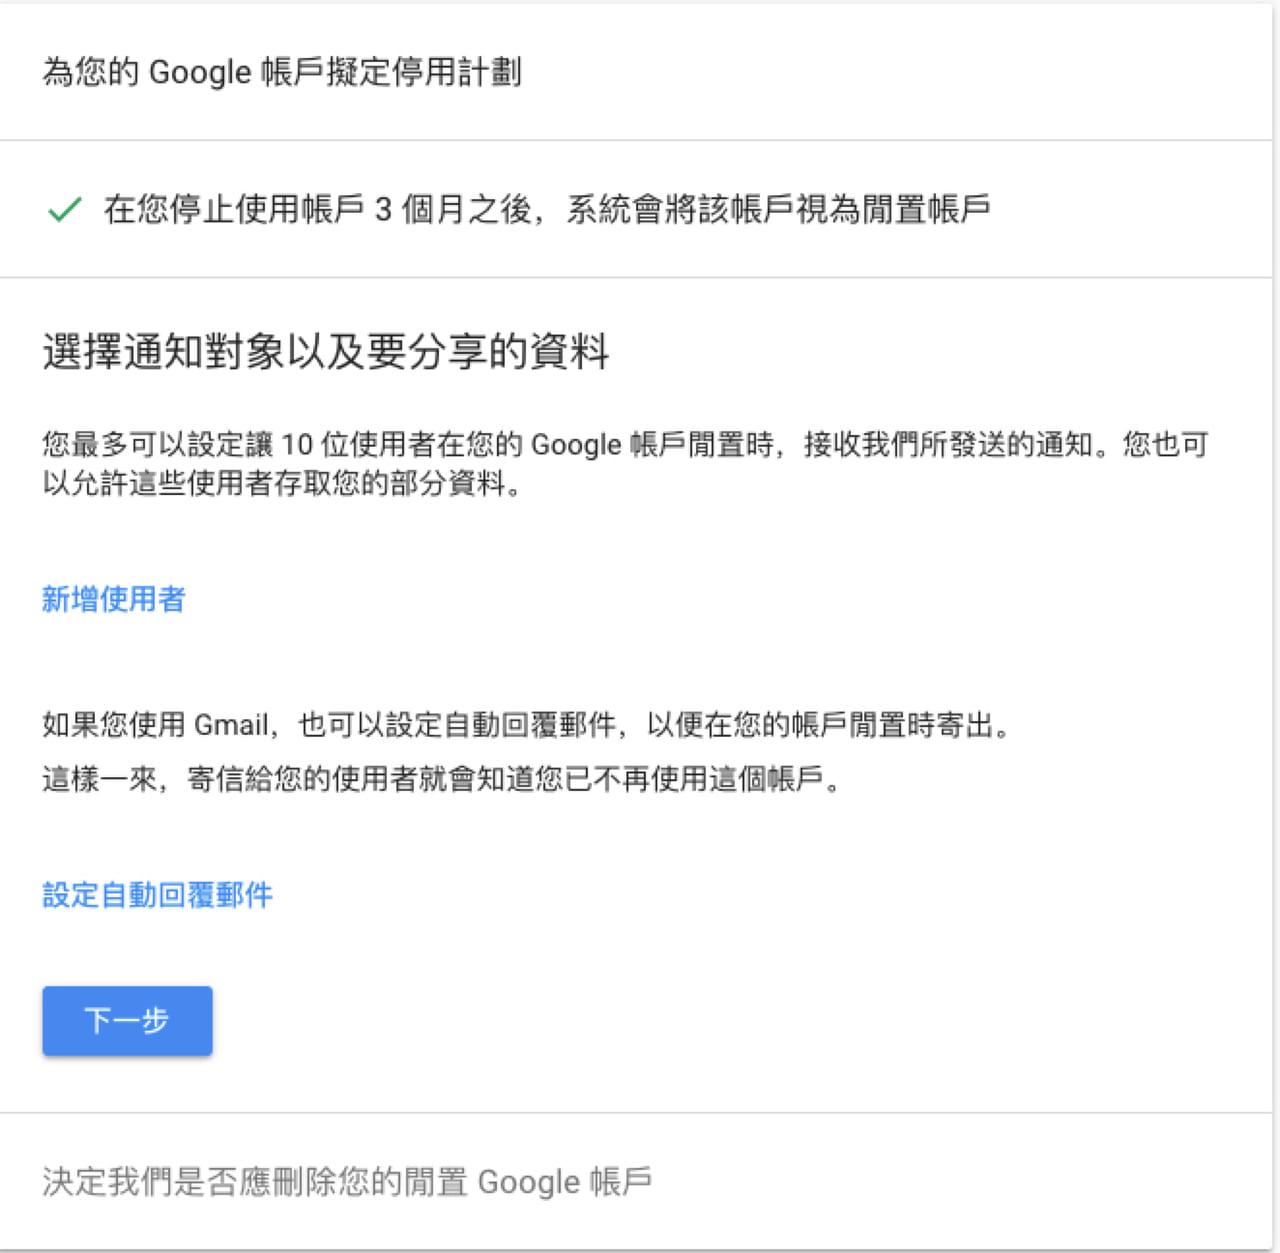 照片為設定Google閒置帳戶時可新增代理的使用者